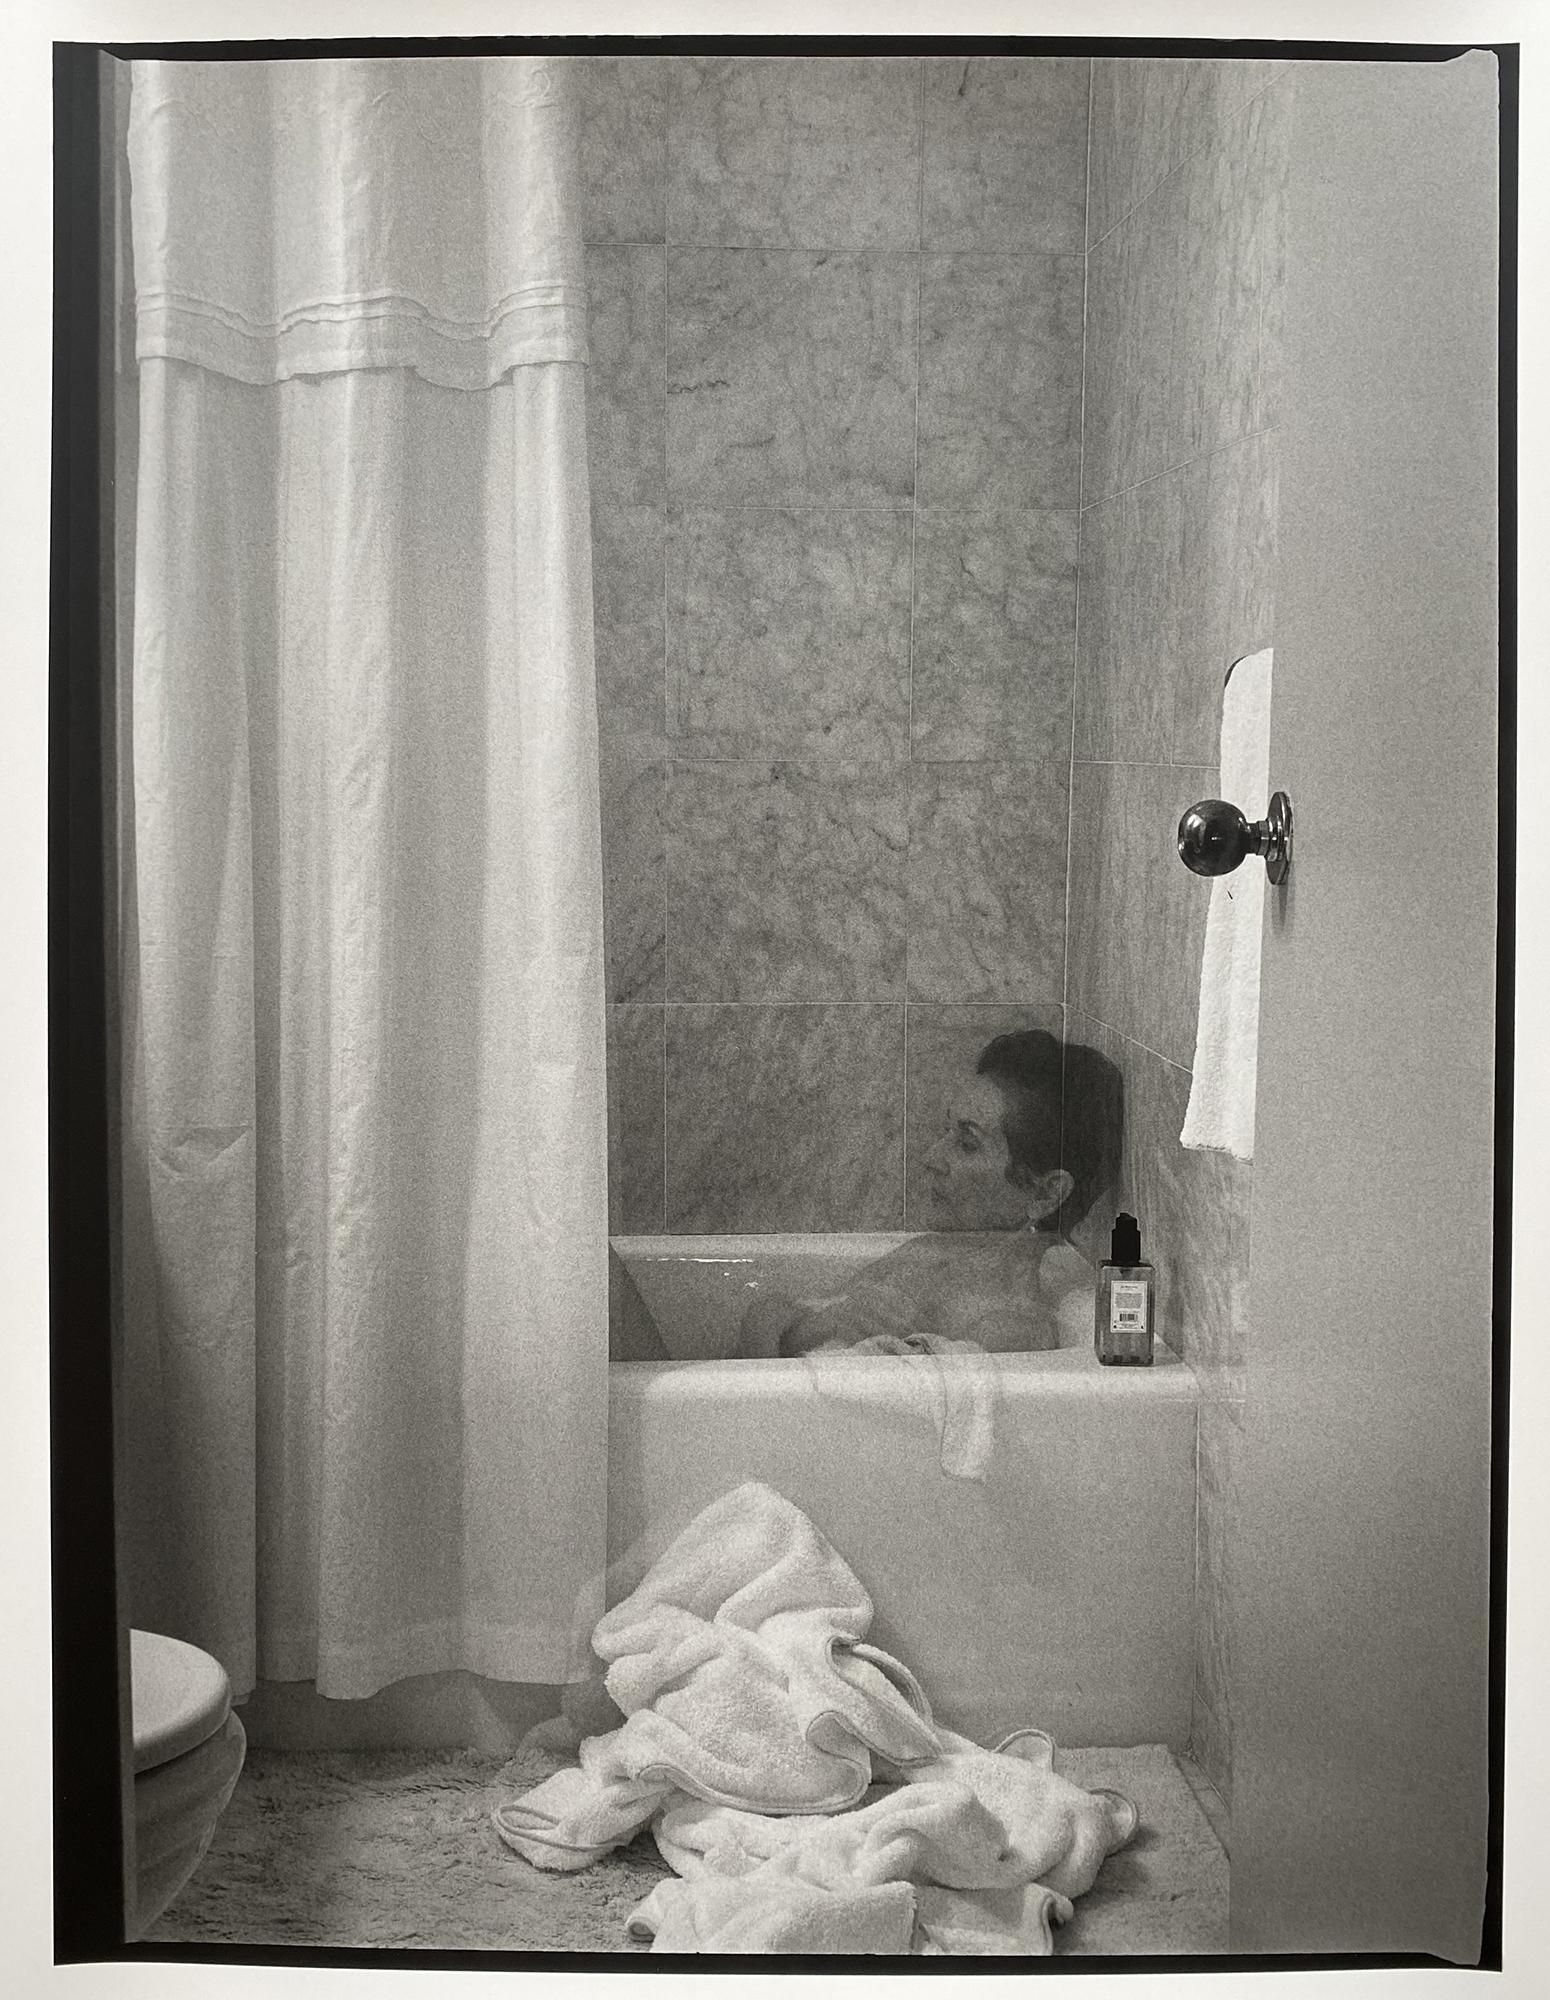 ©Jean Karotkin | Disappearing Souls